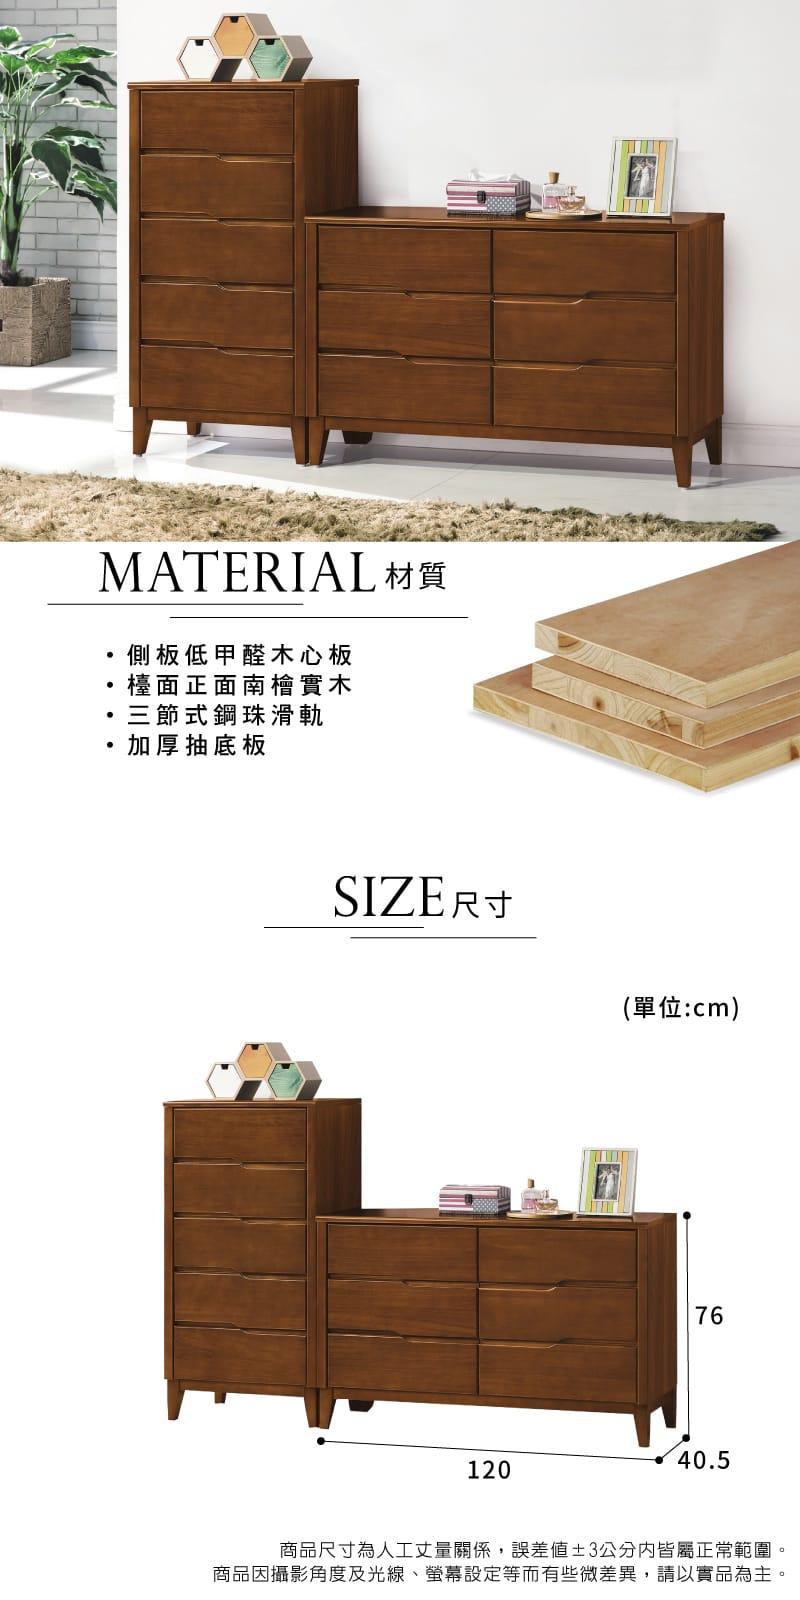 實木收納置物六斗櫃 寬120cm【米亞】